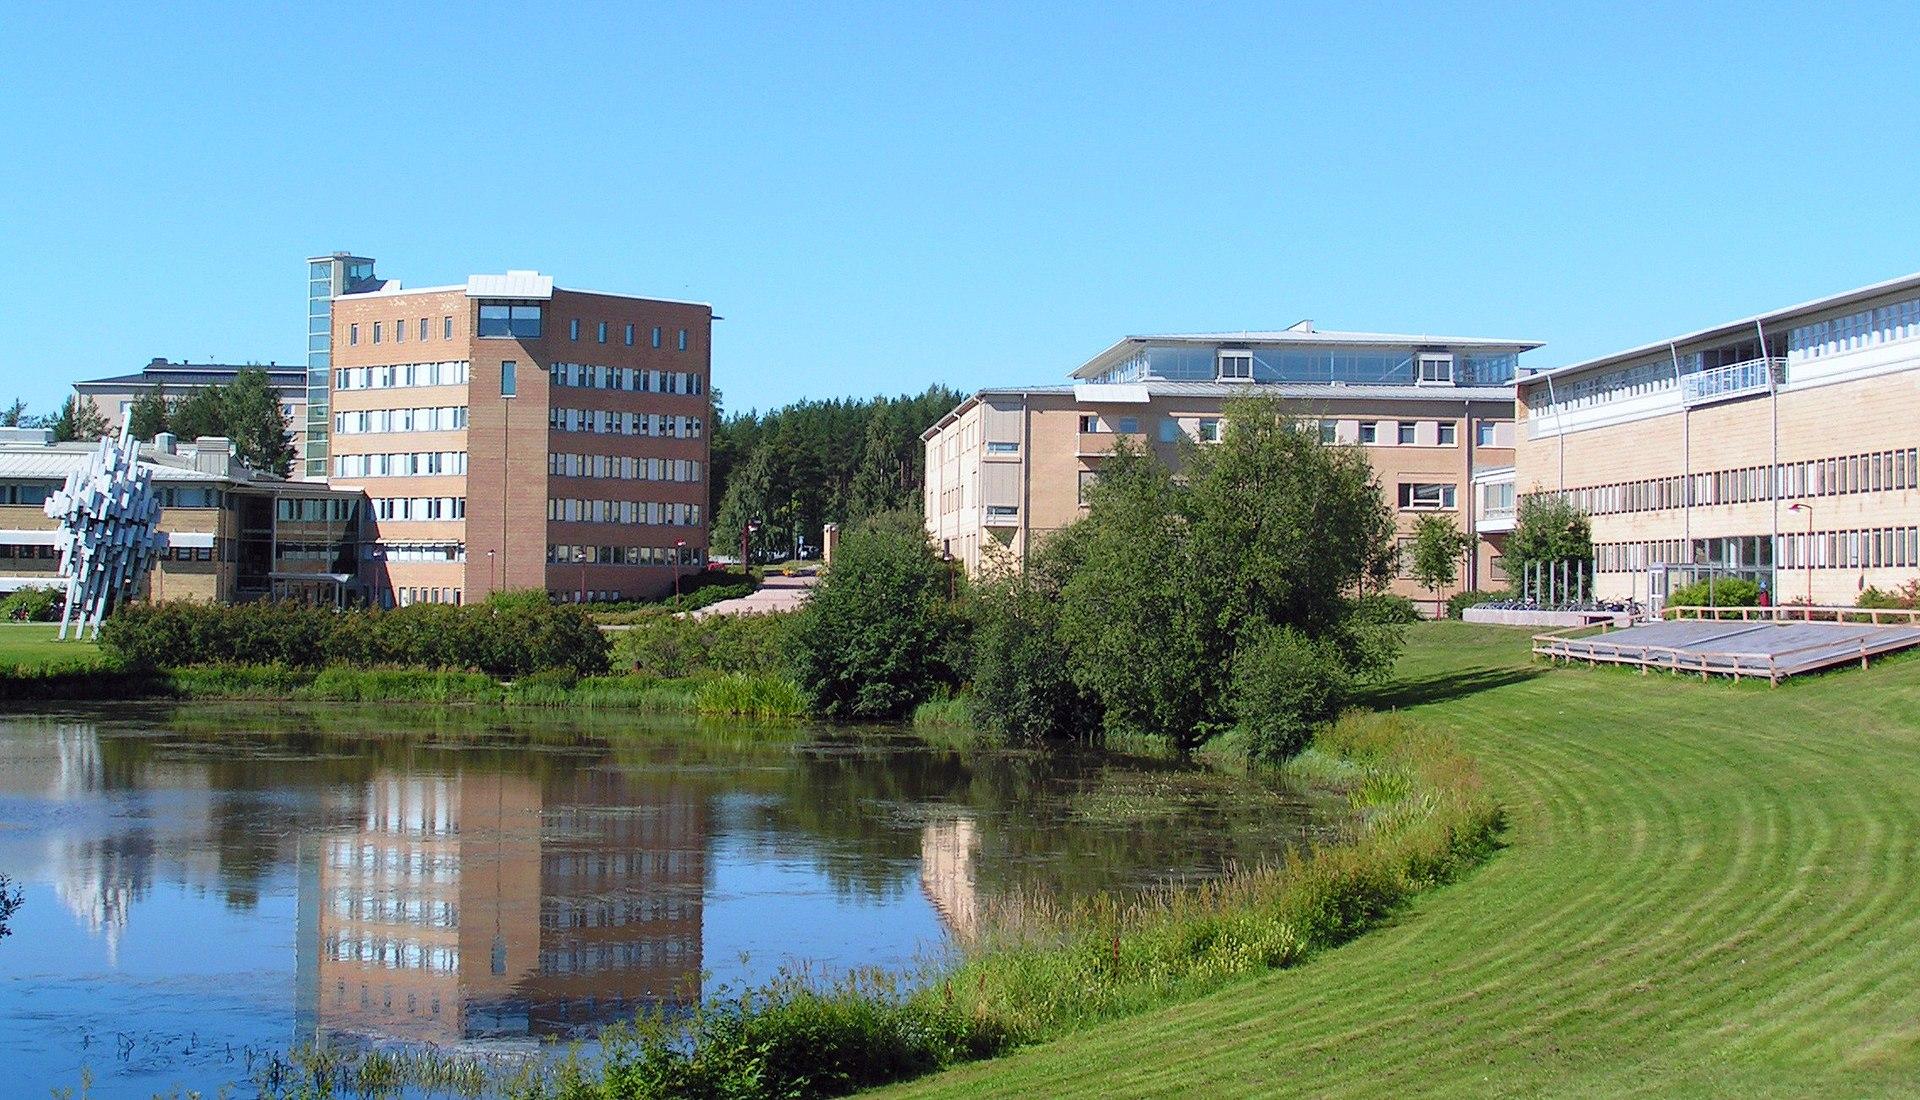 Ume University Campus Pond Uniwersytet Umea Wikipedia Wolna Encyklopedia